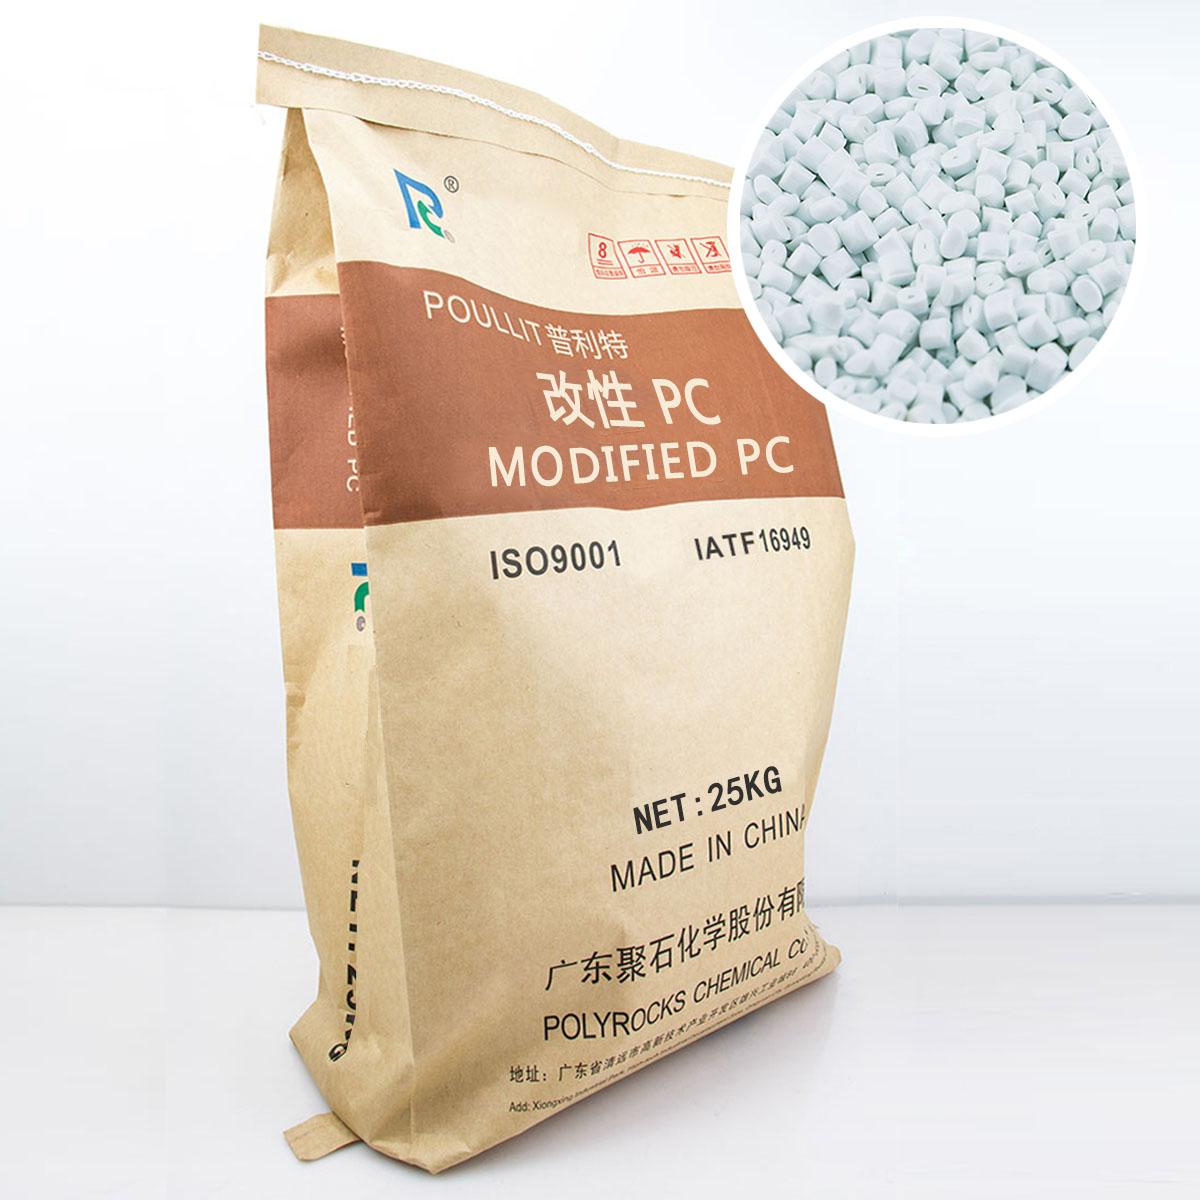 065-聚石阻燃改性PC(白色粒子)